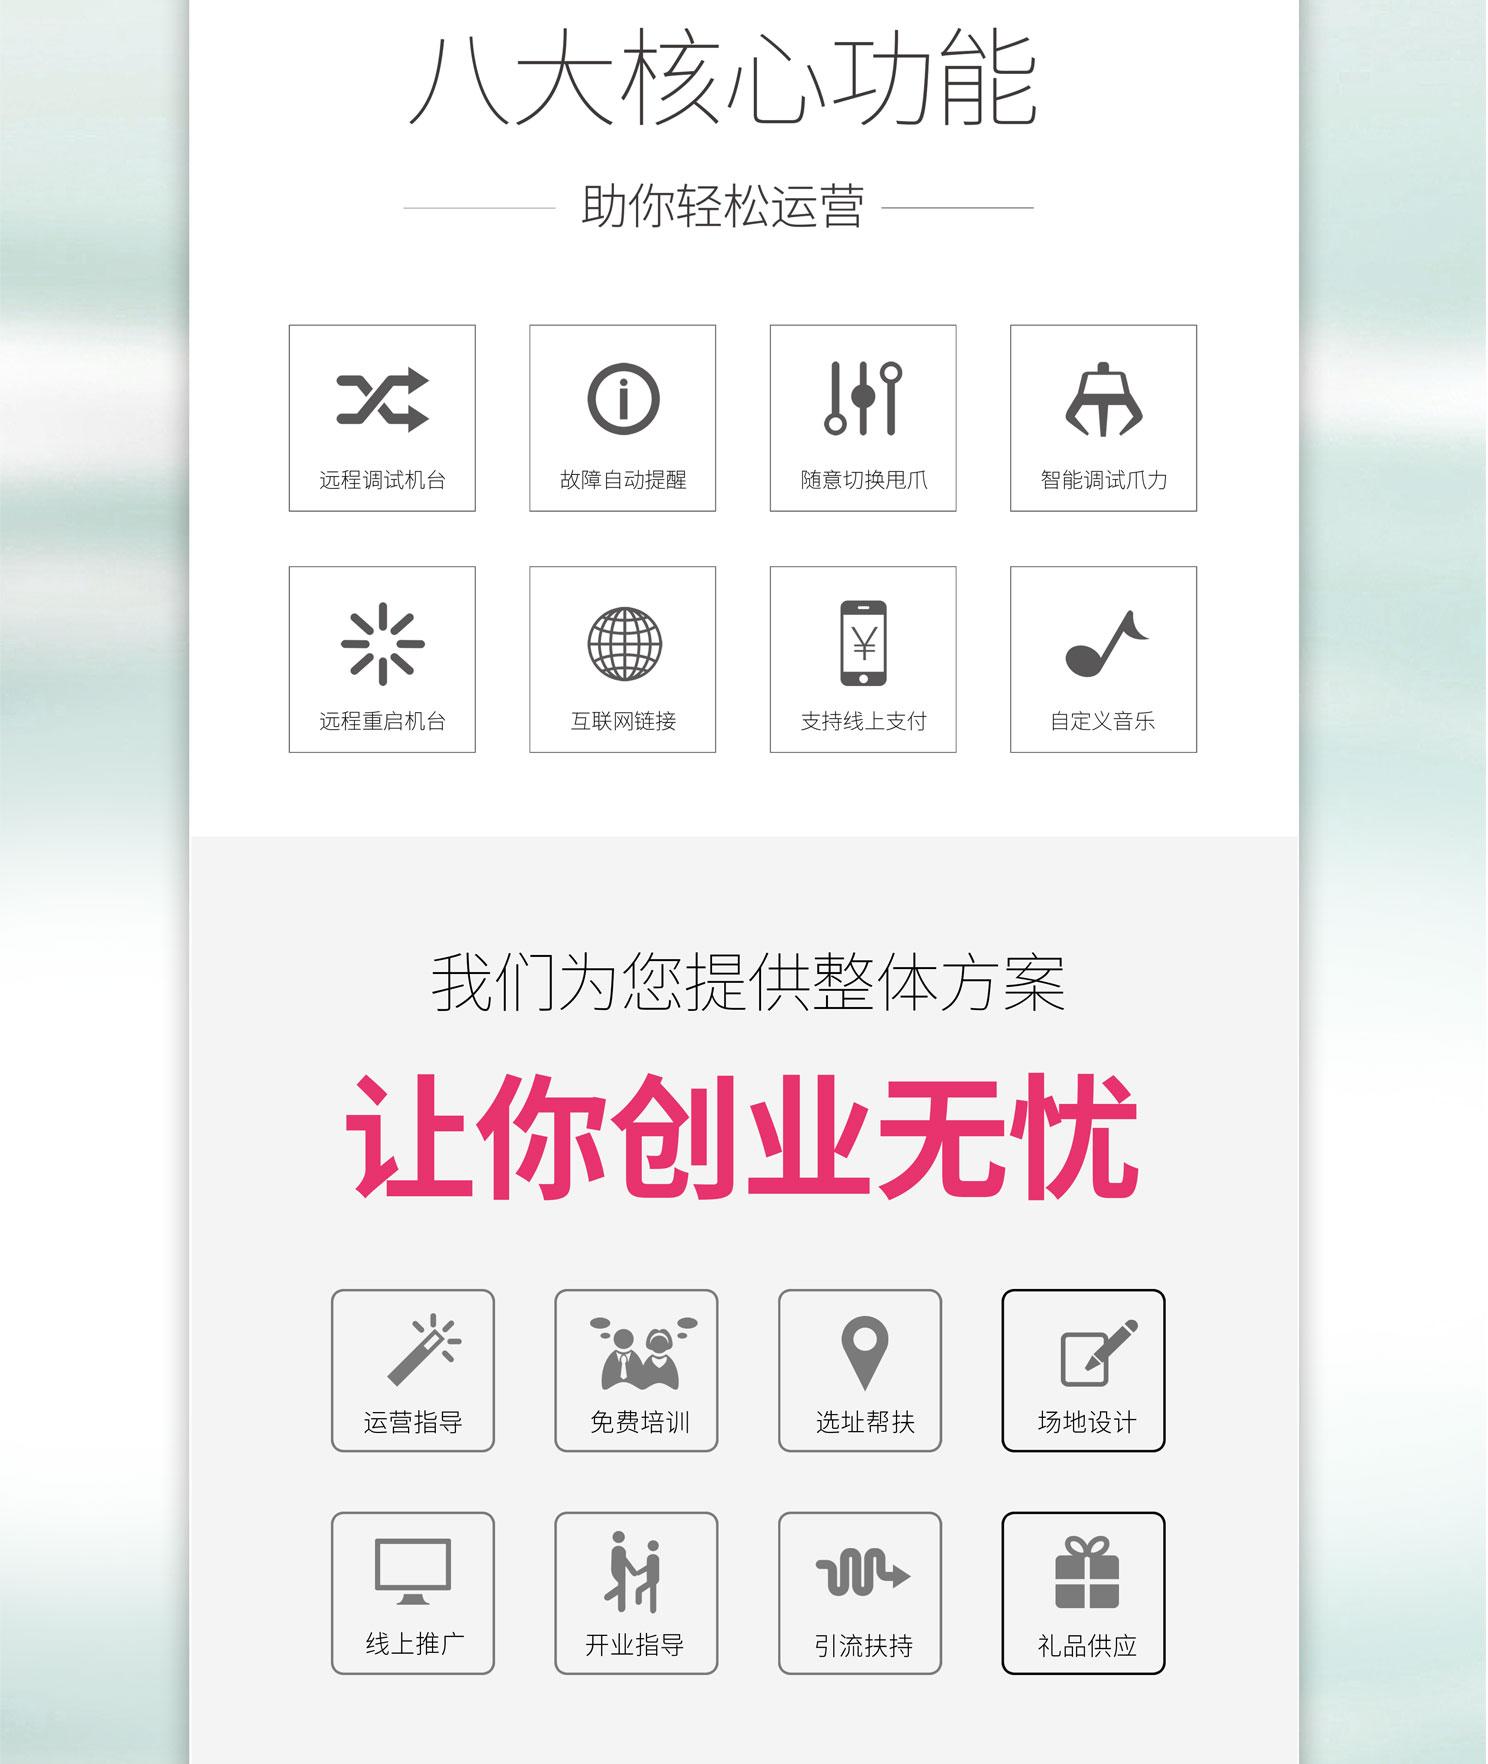 网站www.9778.com租赁详情终板_05.jpg